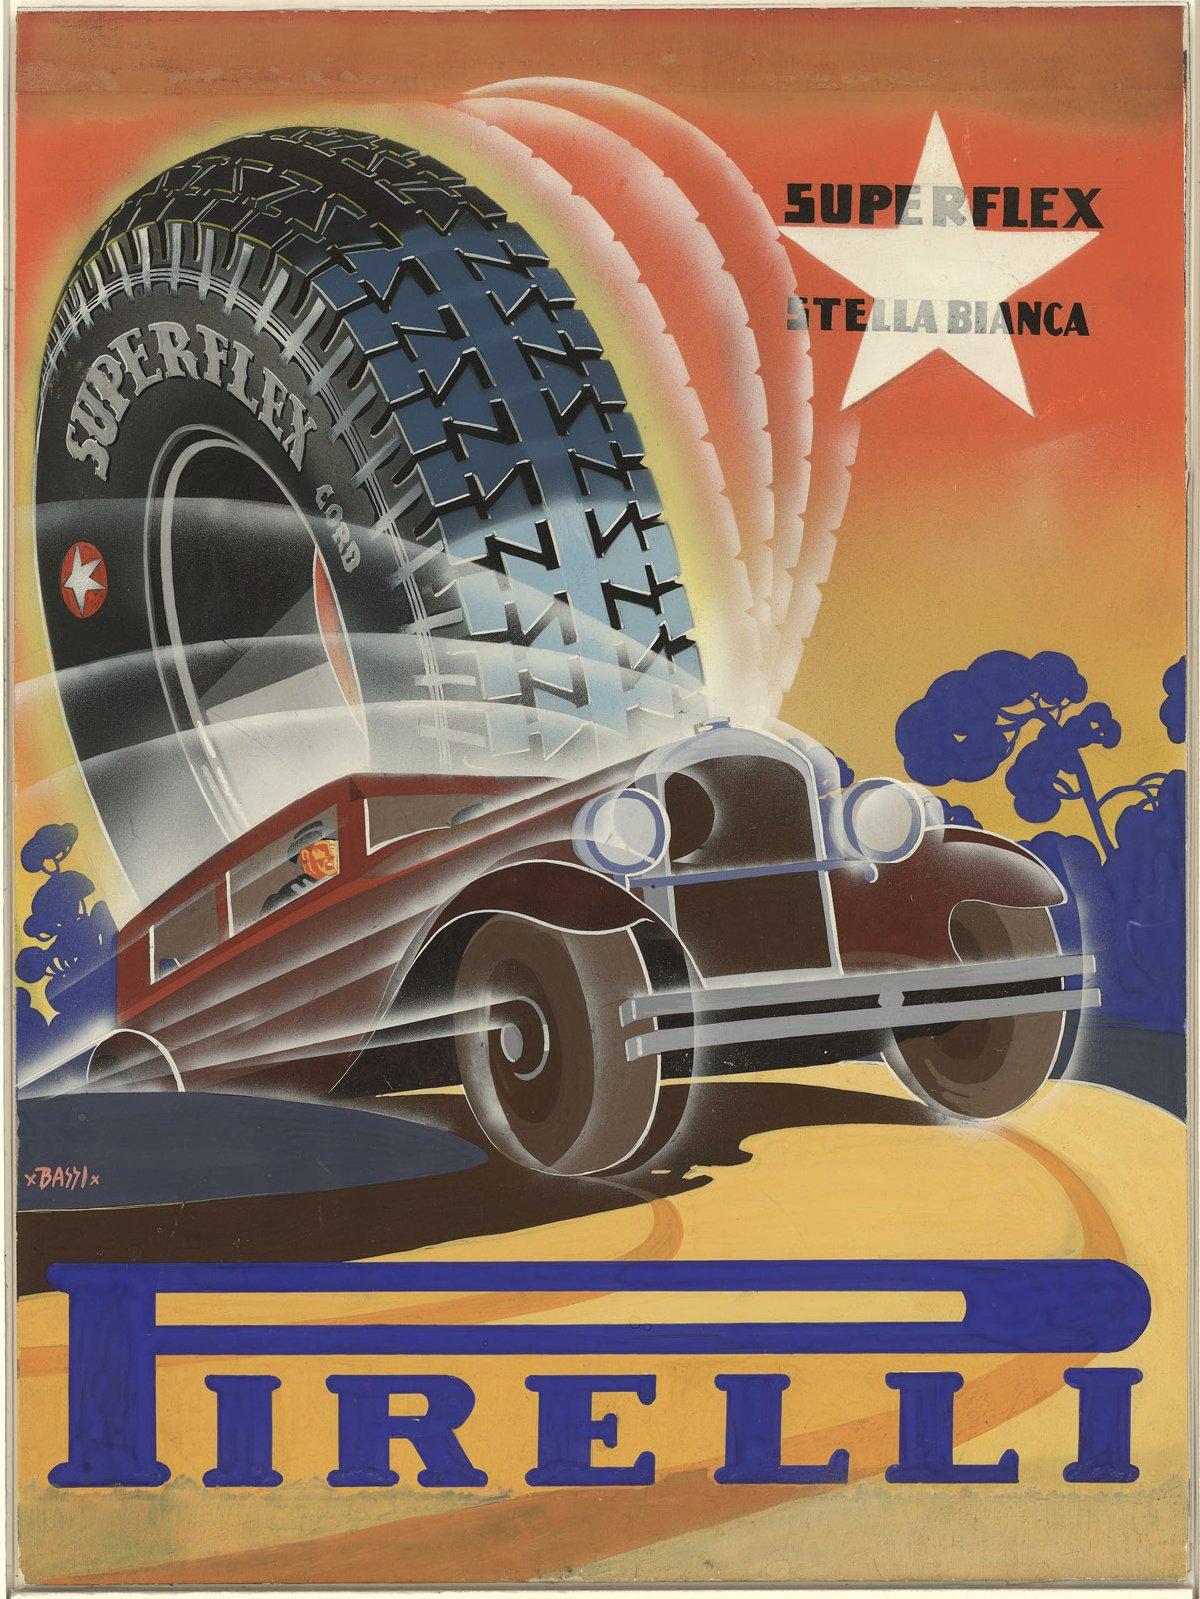 bassi-renzo_bozzetto-per-pneumatico-superflex-stella-bianca_1931_059_low